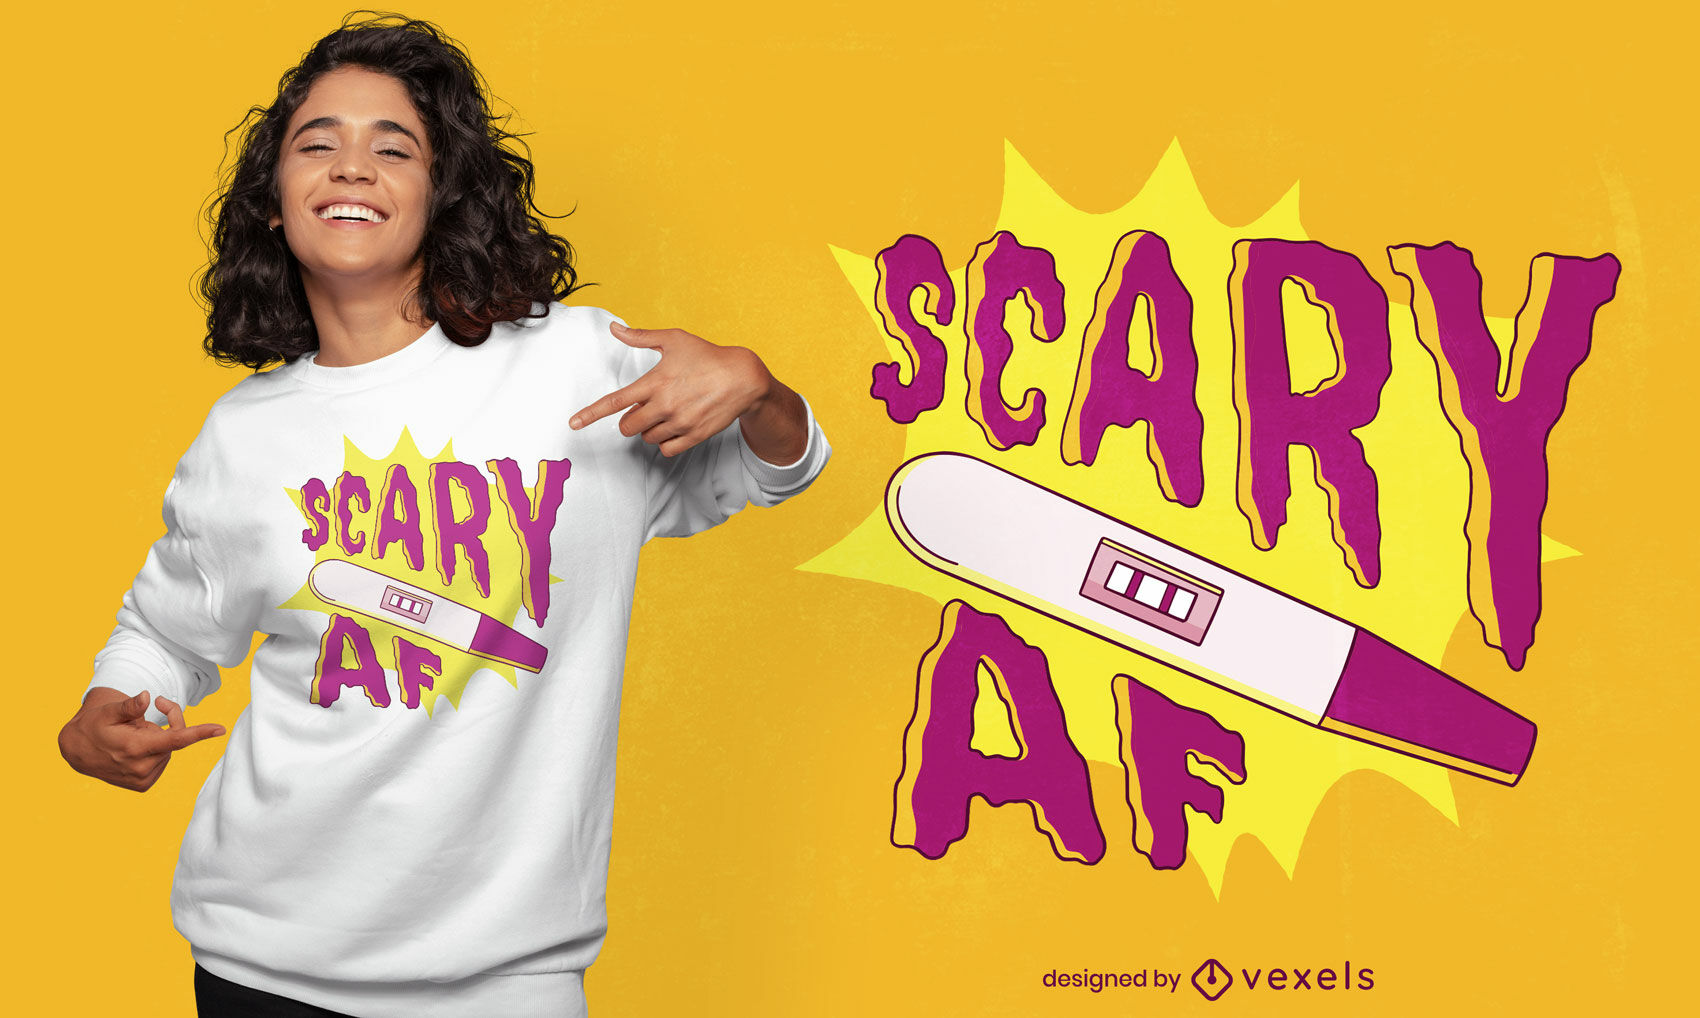 Scary AF pregnancy test t-shirt design